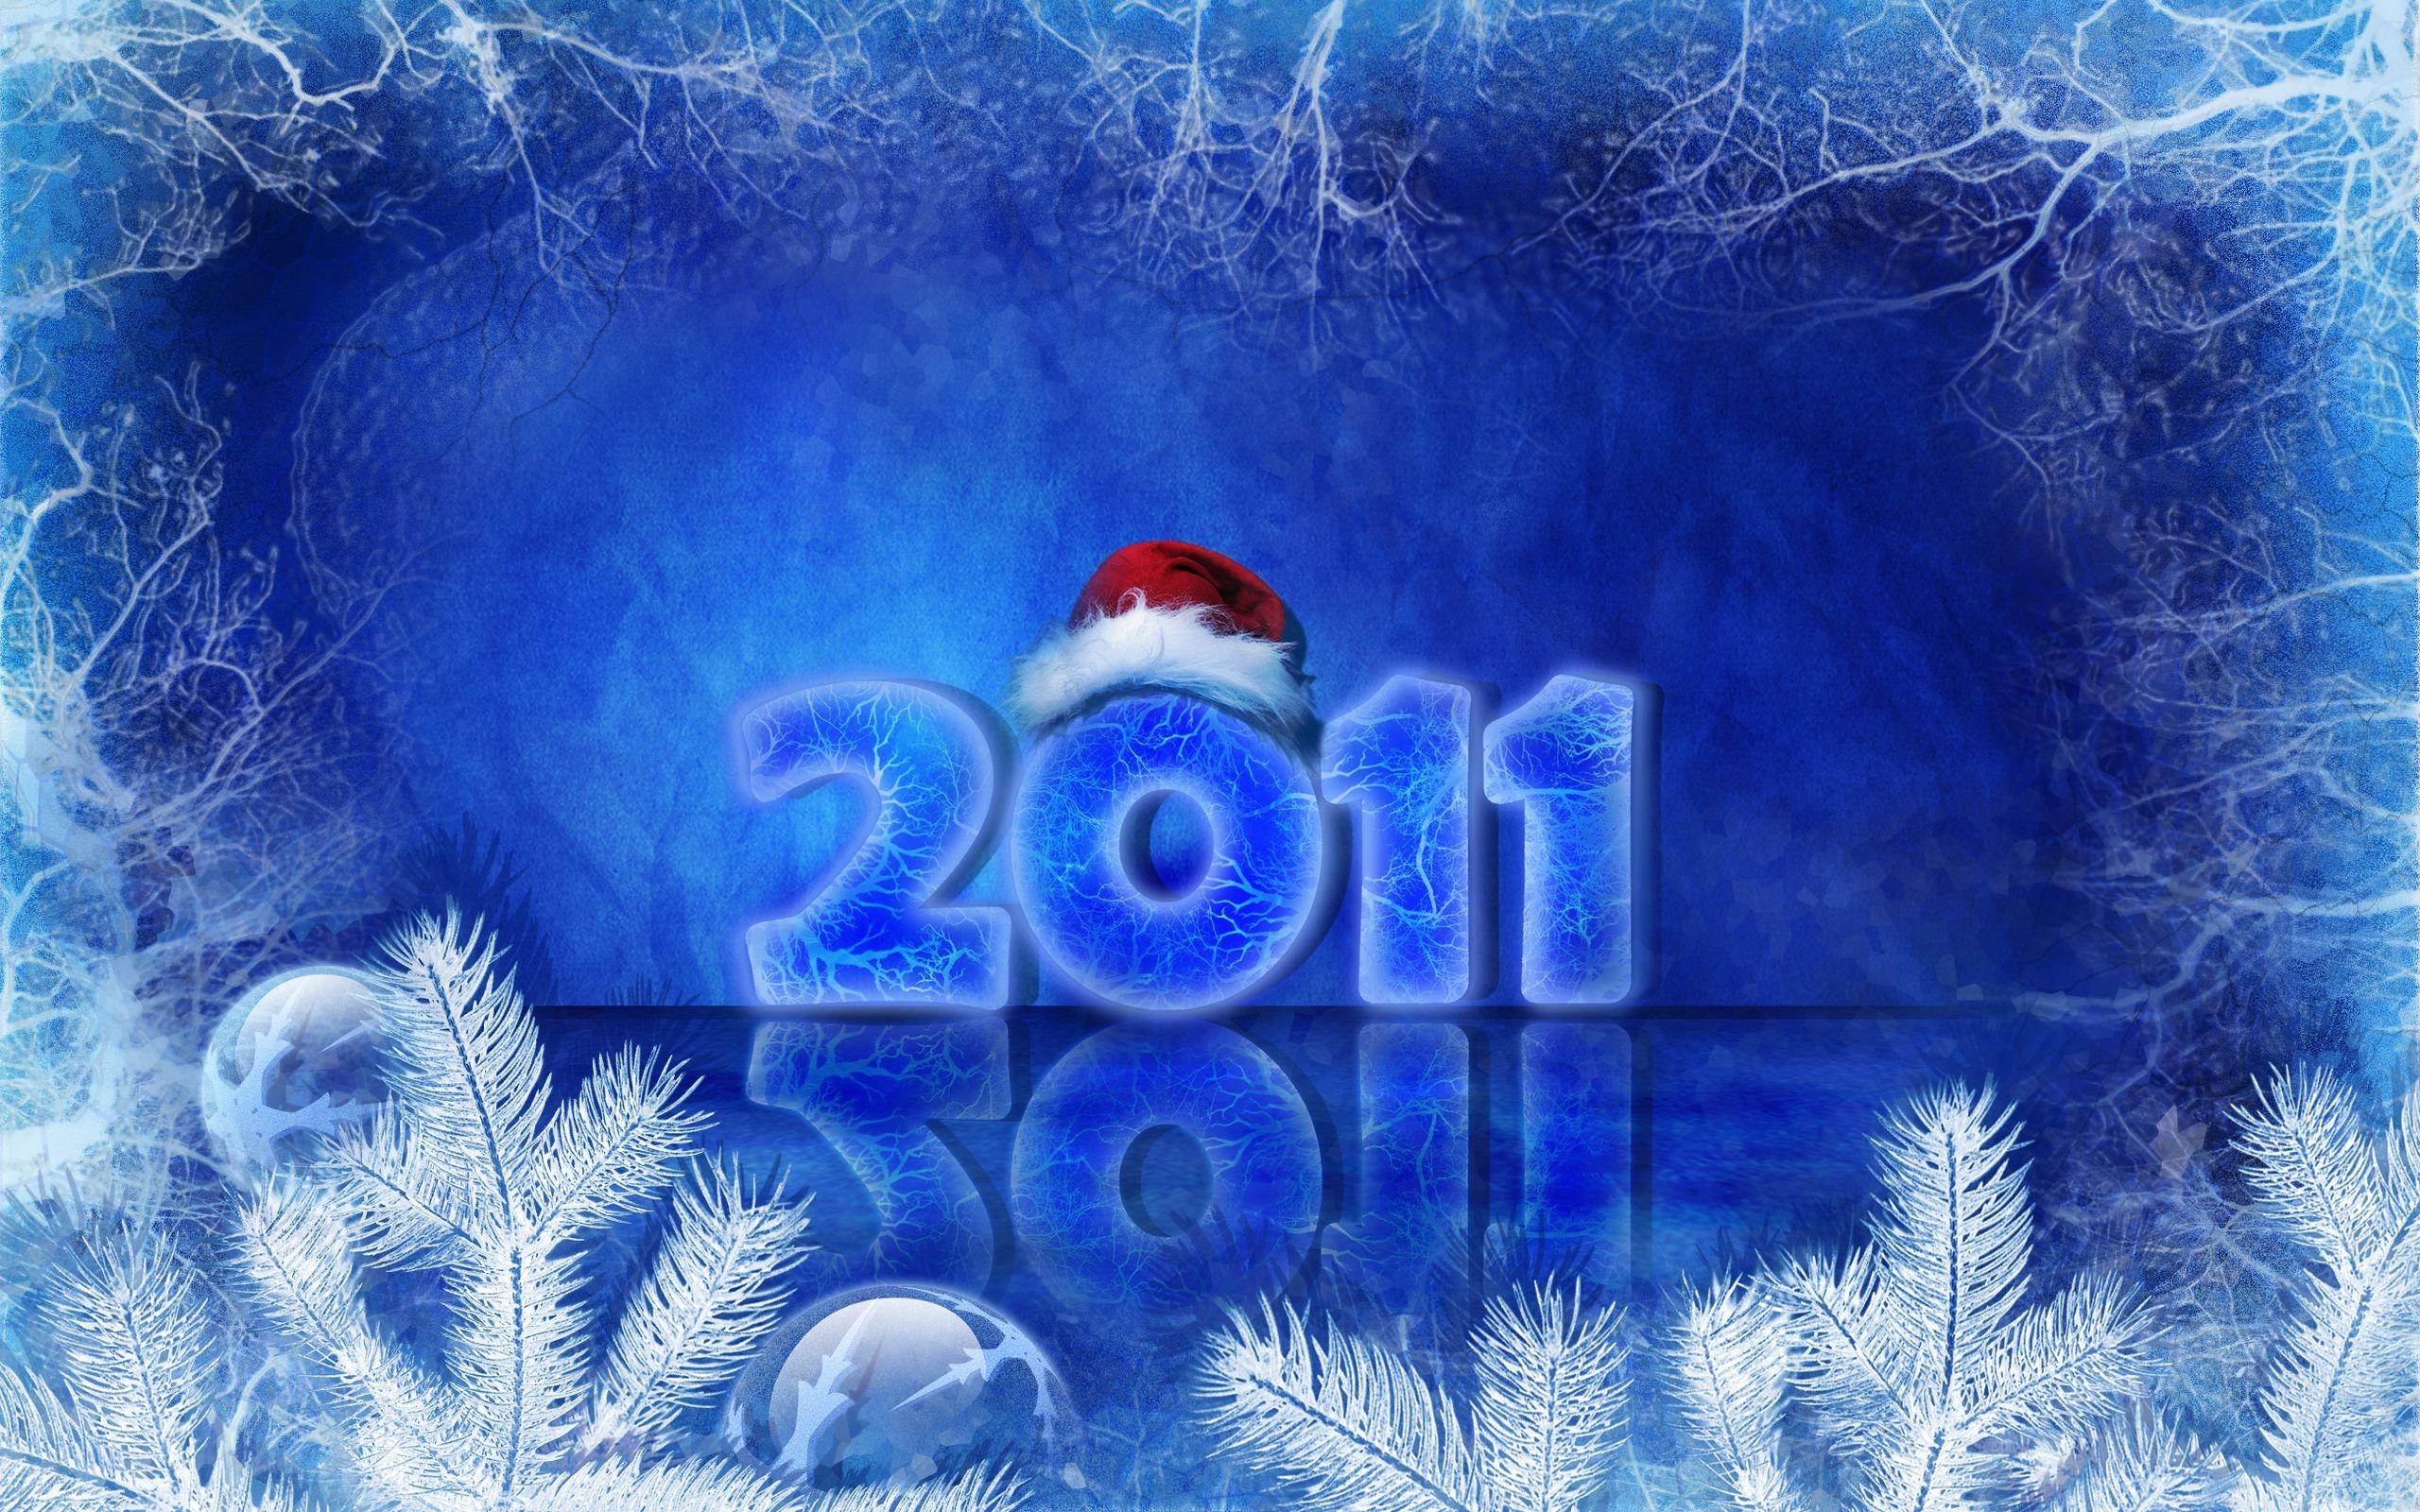 Картинки новый год 2014 прикольные, открытки день